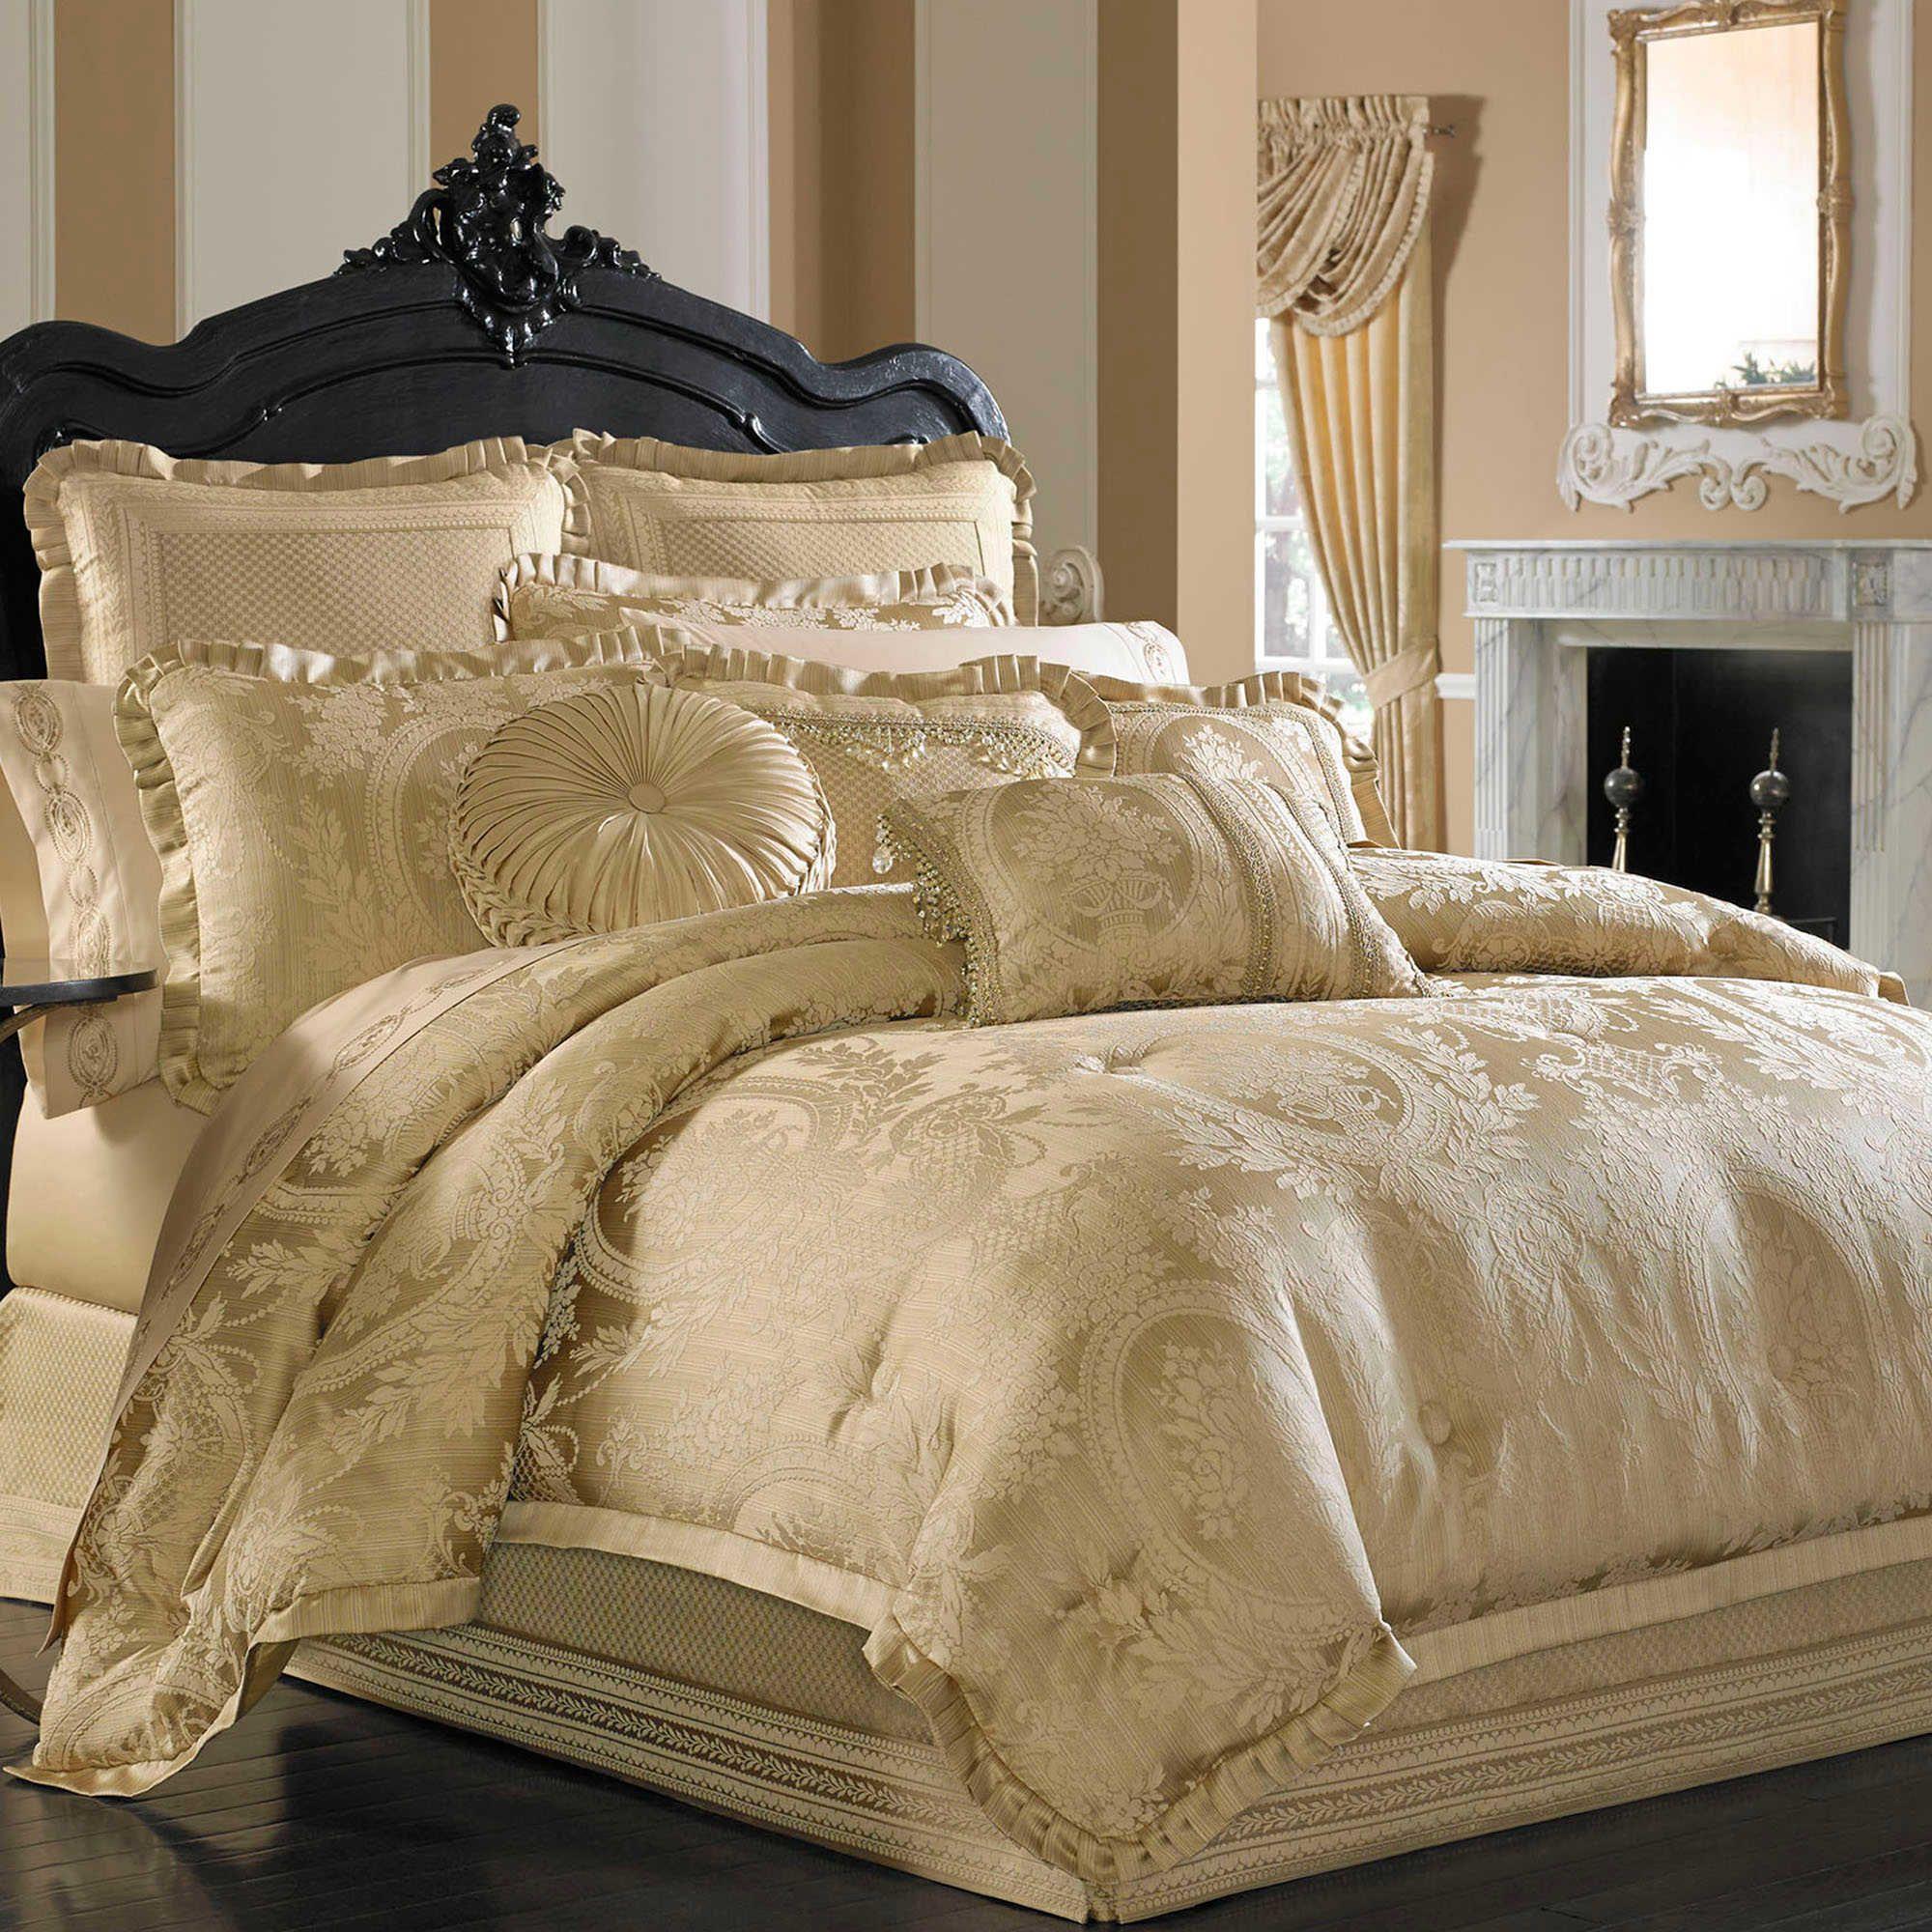 J Queen New York™ Napoleon Queen forter Set in Gold